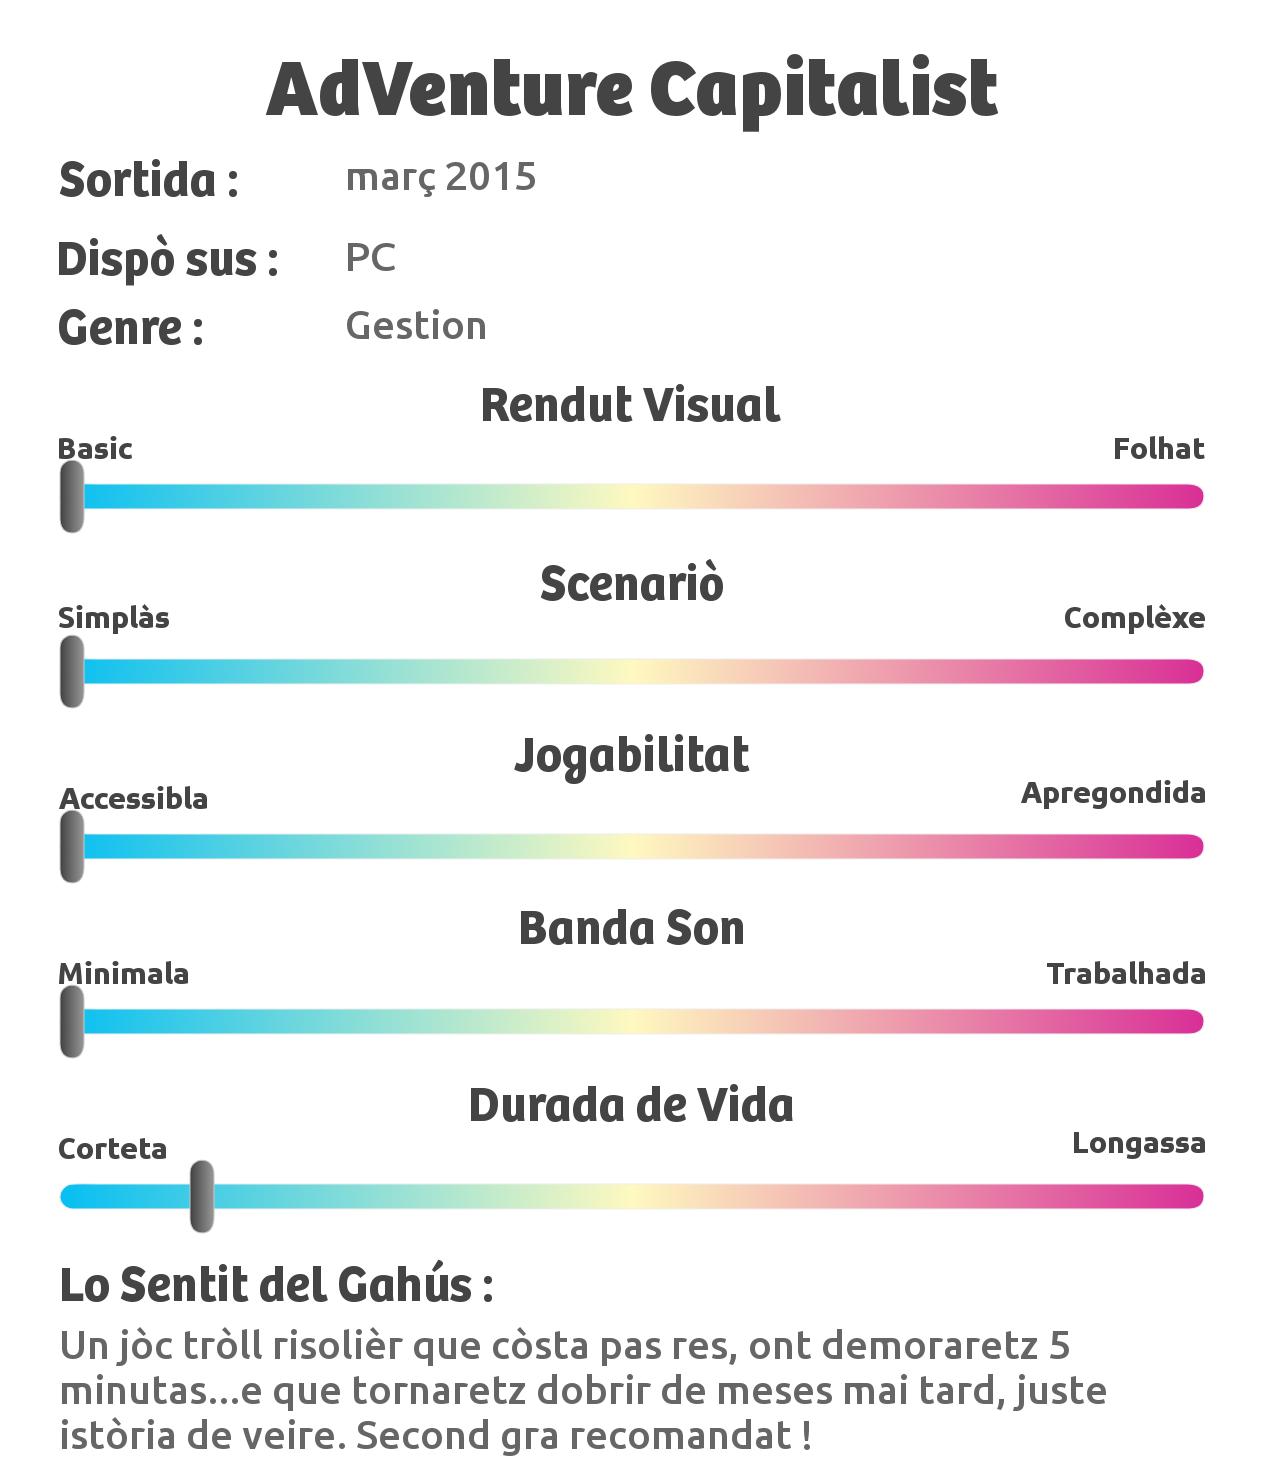 evaluacion-adventure-capitalist